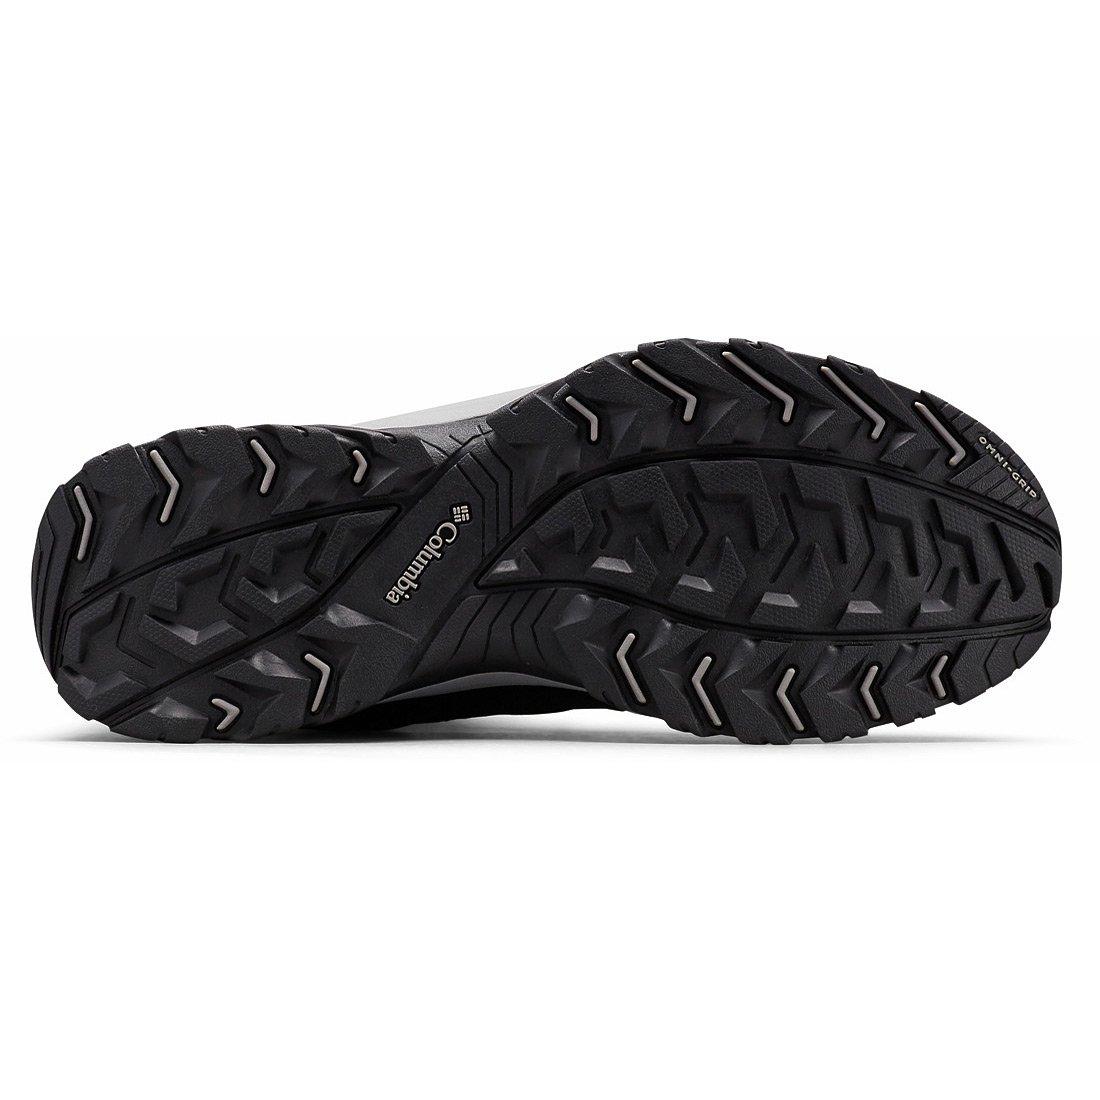 נעליים לגברים - Crestwood Mid Waterproof Wide M - Columbia